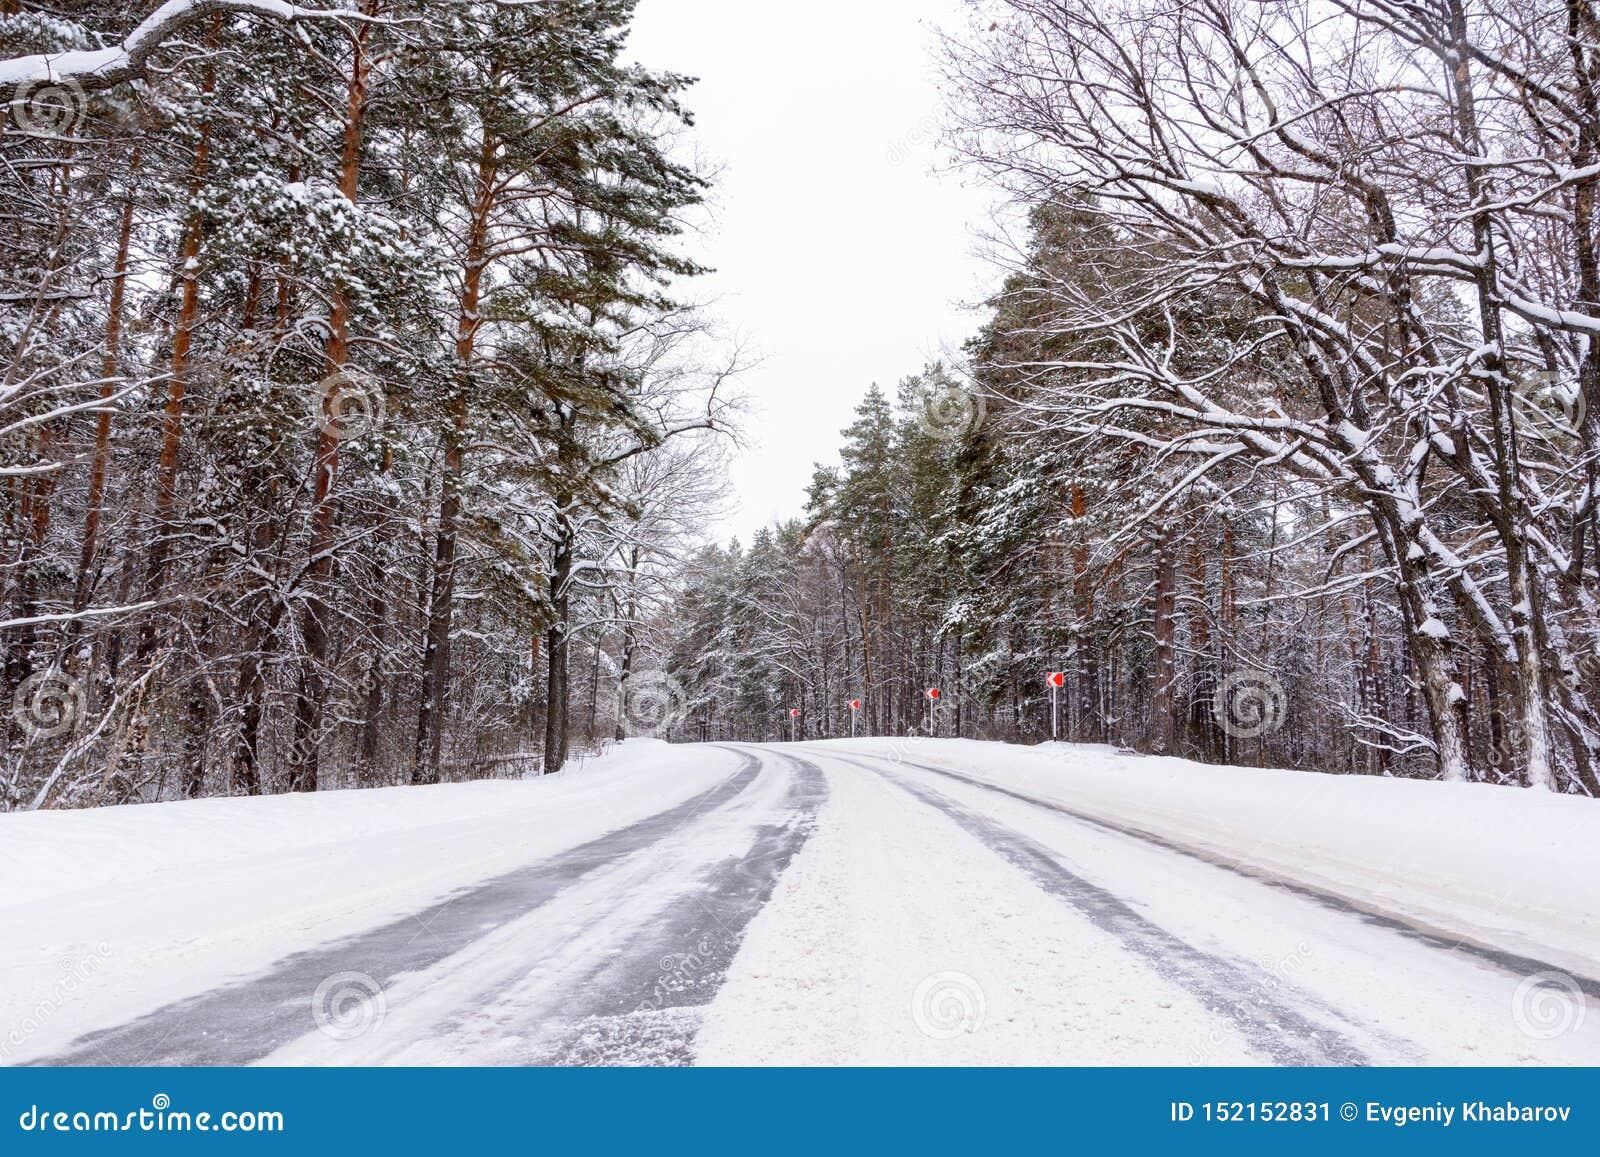 Patronen op de de winterweg in de vorm van vier rechte lijnen Sneeuwweg op de achtergrond van snow-covered bos